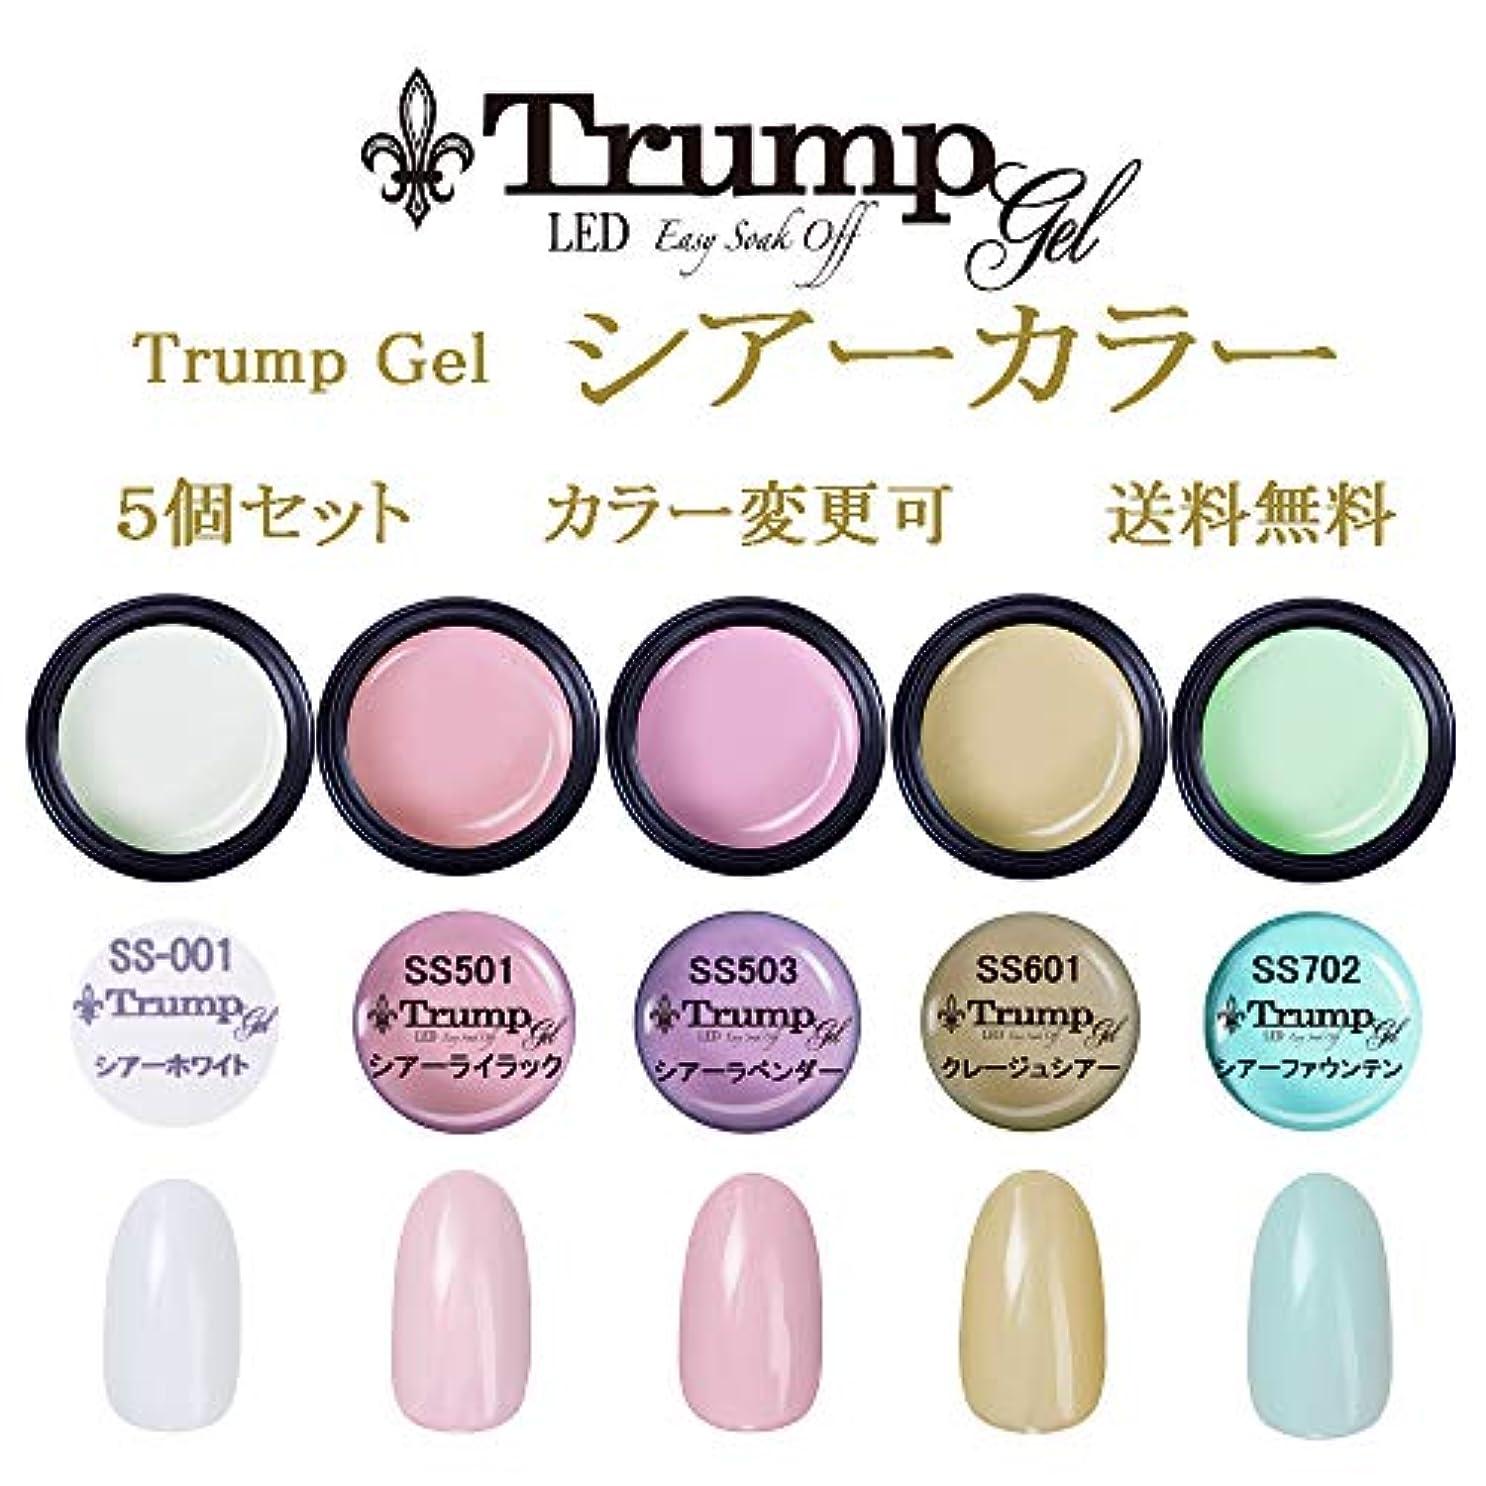 満州同一のシーン日本製 Trump gel トランプジェル シアー カラージェル 選べる 5個セット ホワイト ピンク パープル イエロー ブルー